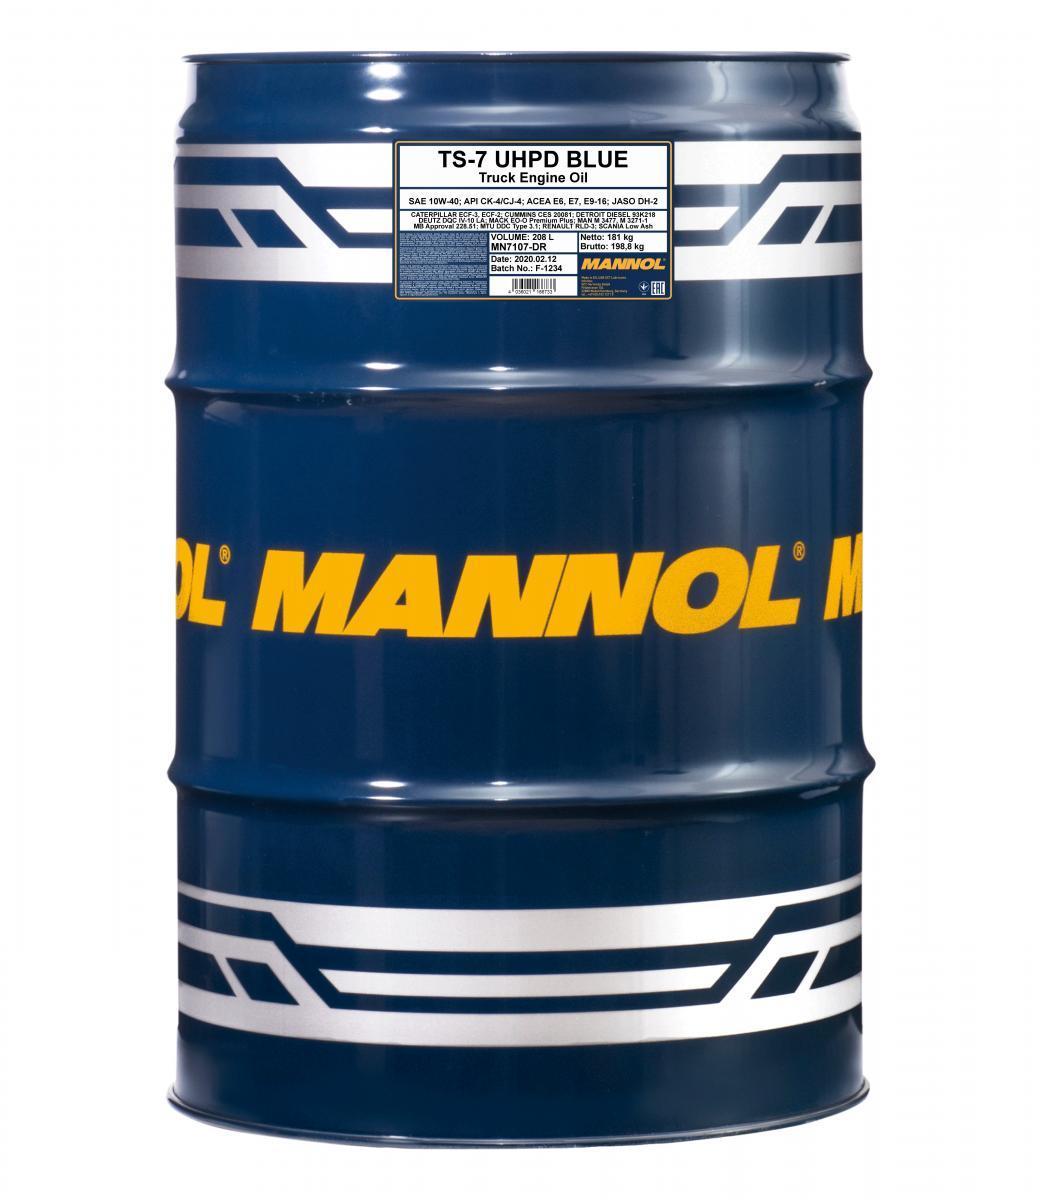 MN7107-DR MANNOL TS-7, UHPD Blue 10W-40, 208l Motoröl MN7107-DR günstig kaufen